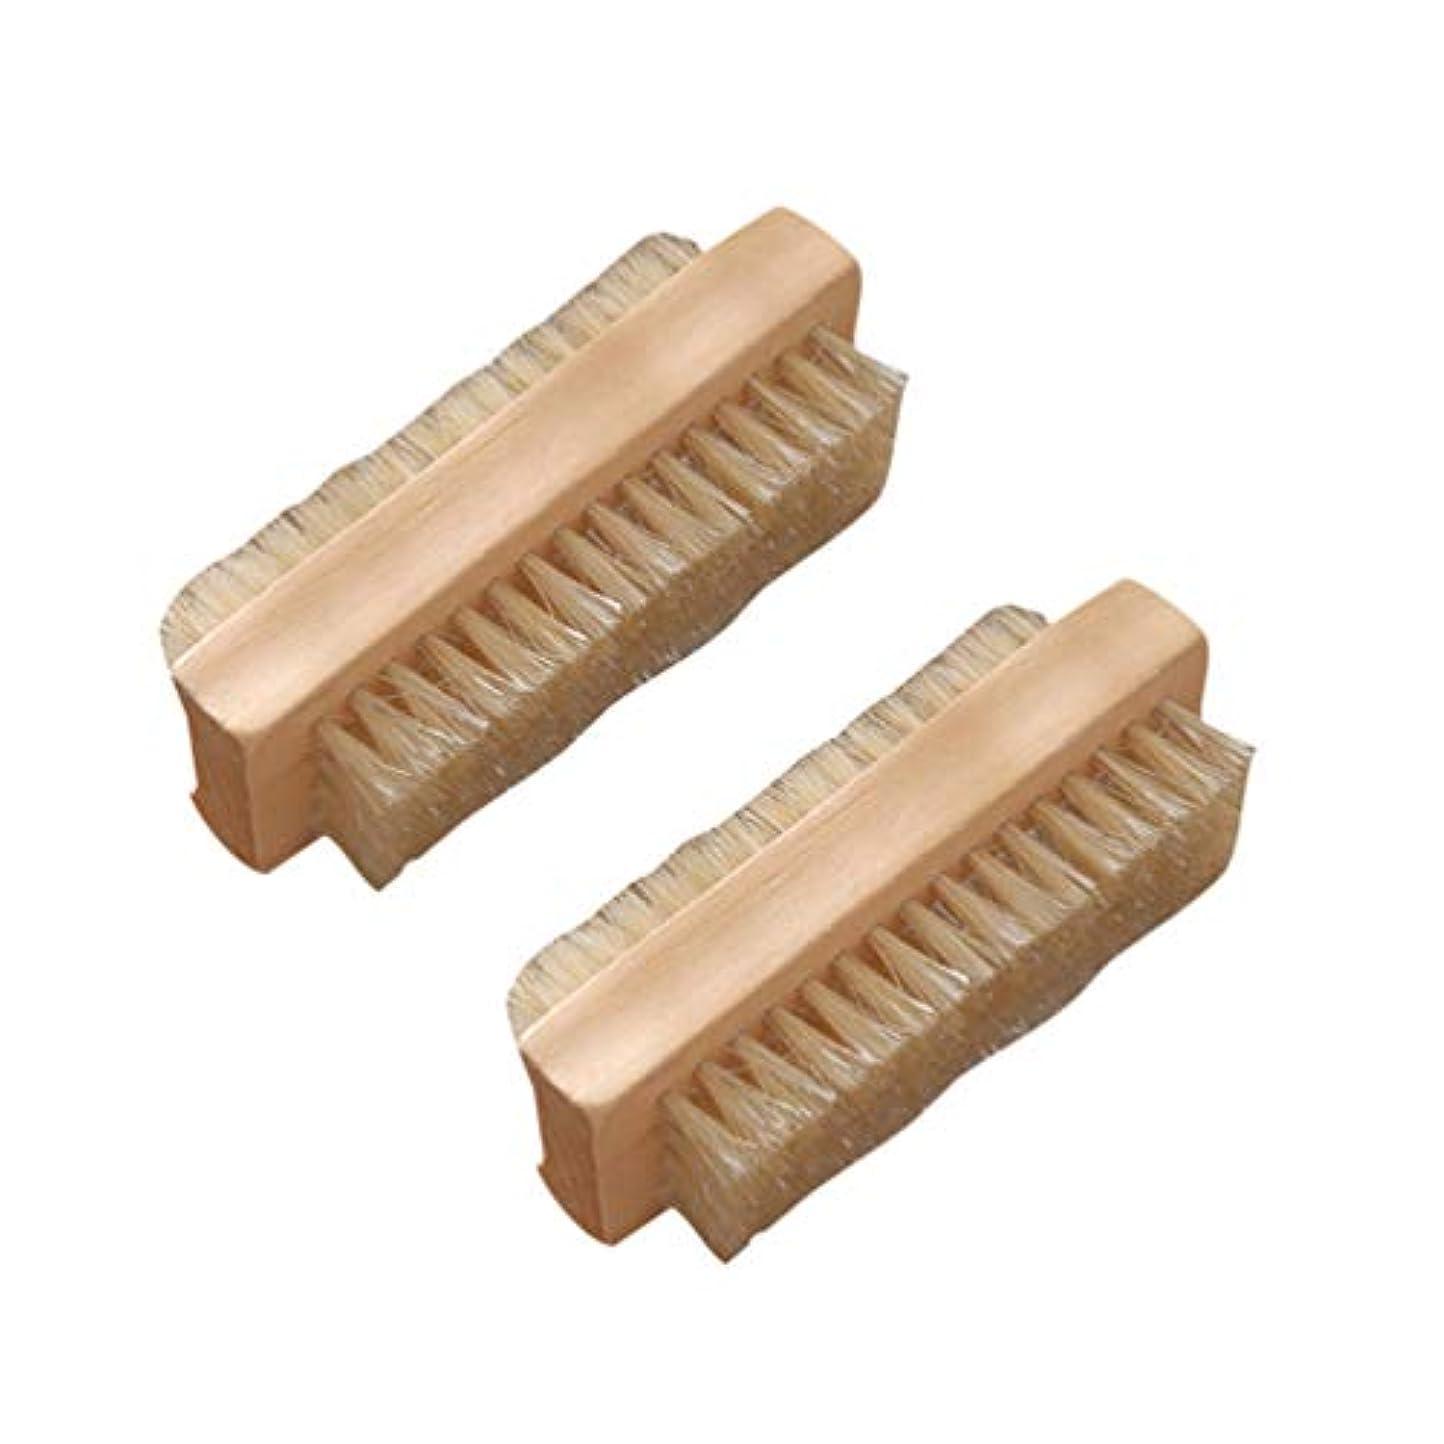 先駆者値下げ端Lurrose 2ピースネイルブラシ両面ポータブル耐久性マニキュアブラシネイルクリーニングブラシ毛ブラシホームサロン用